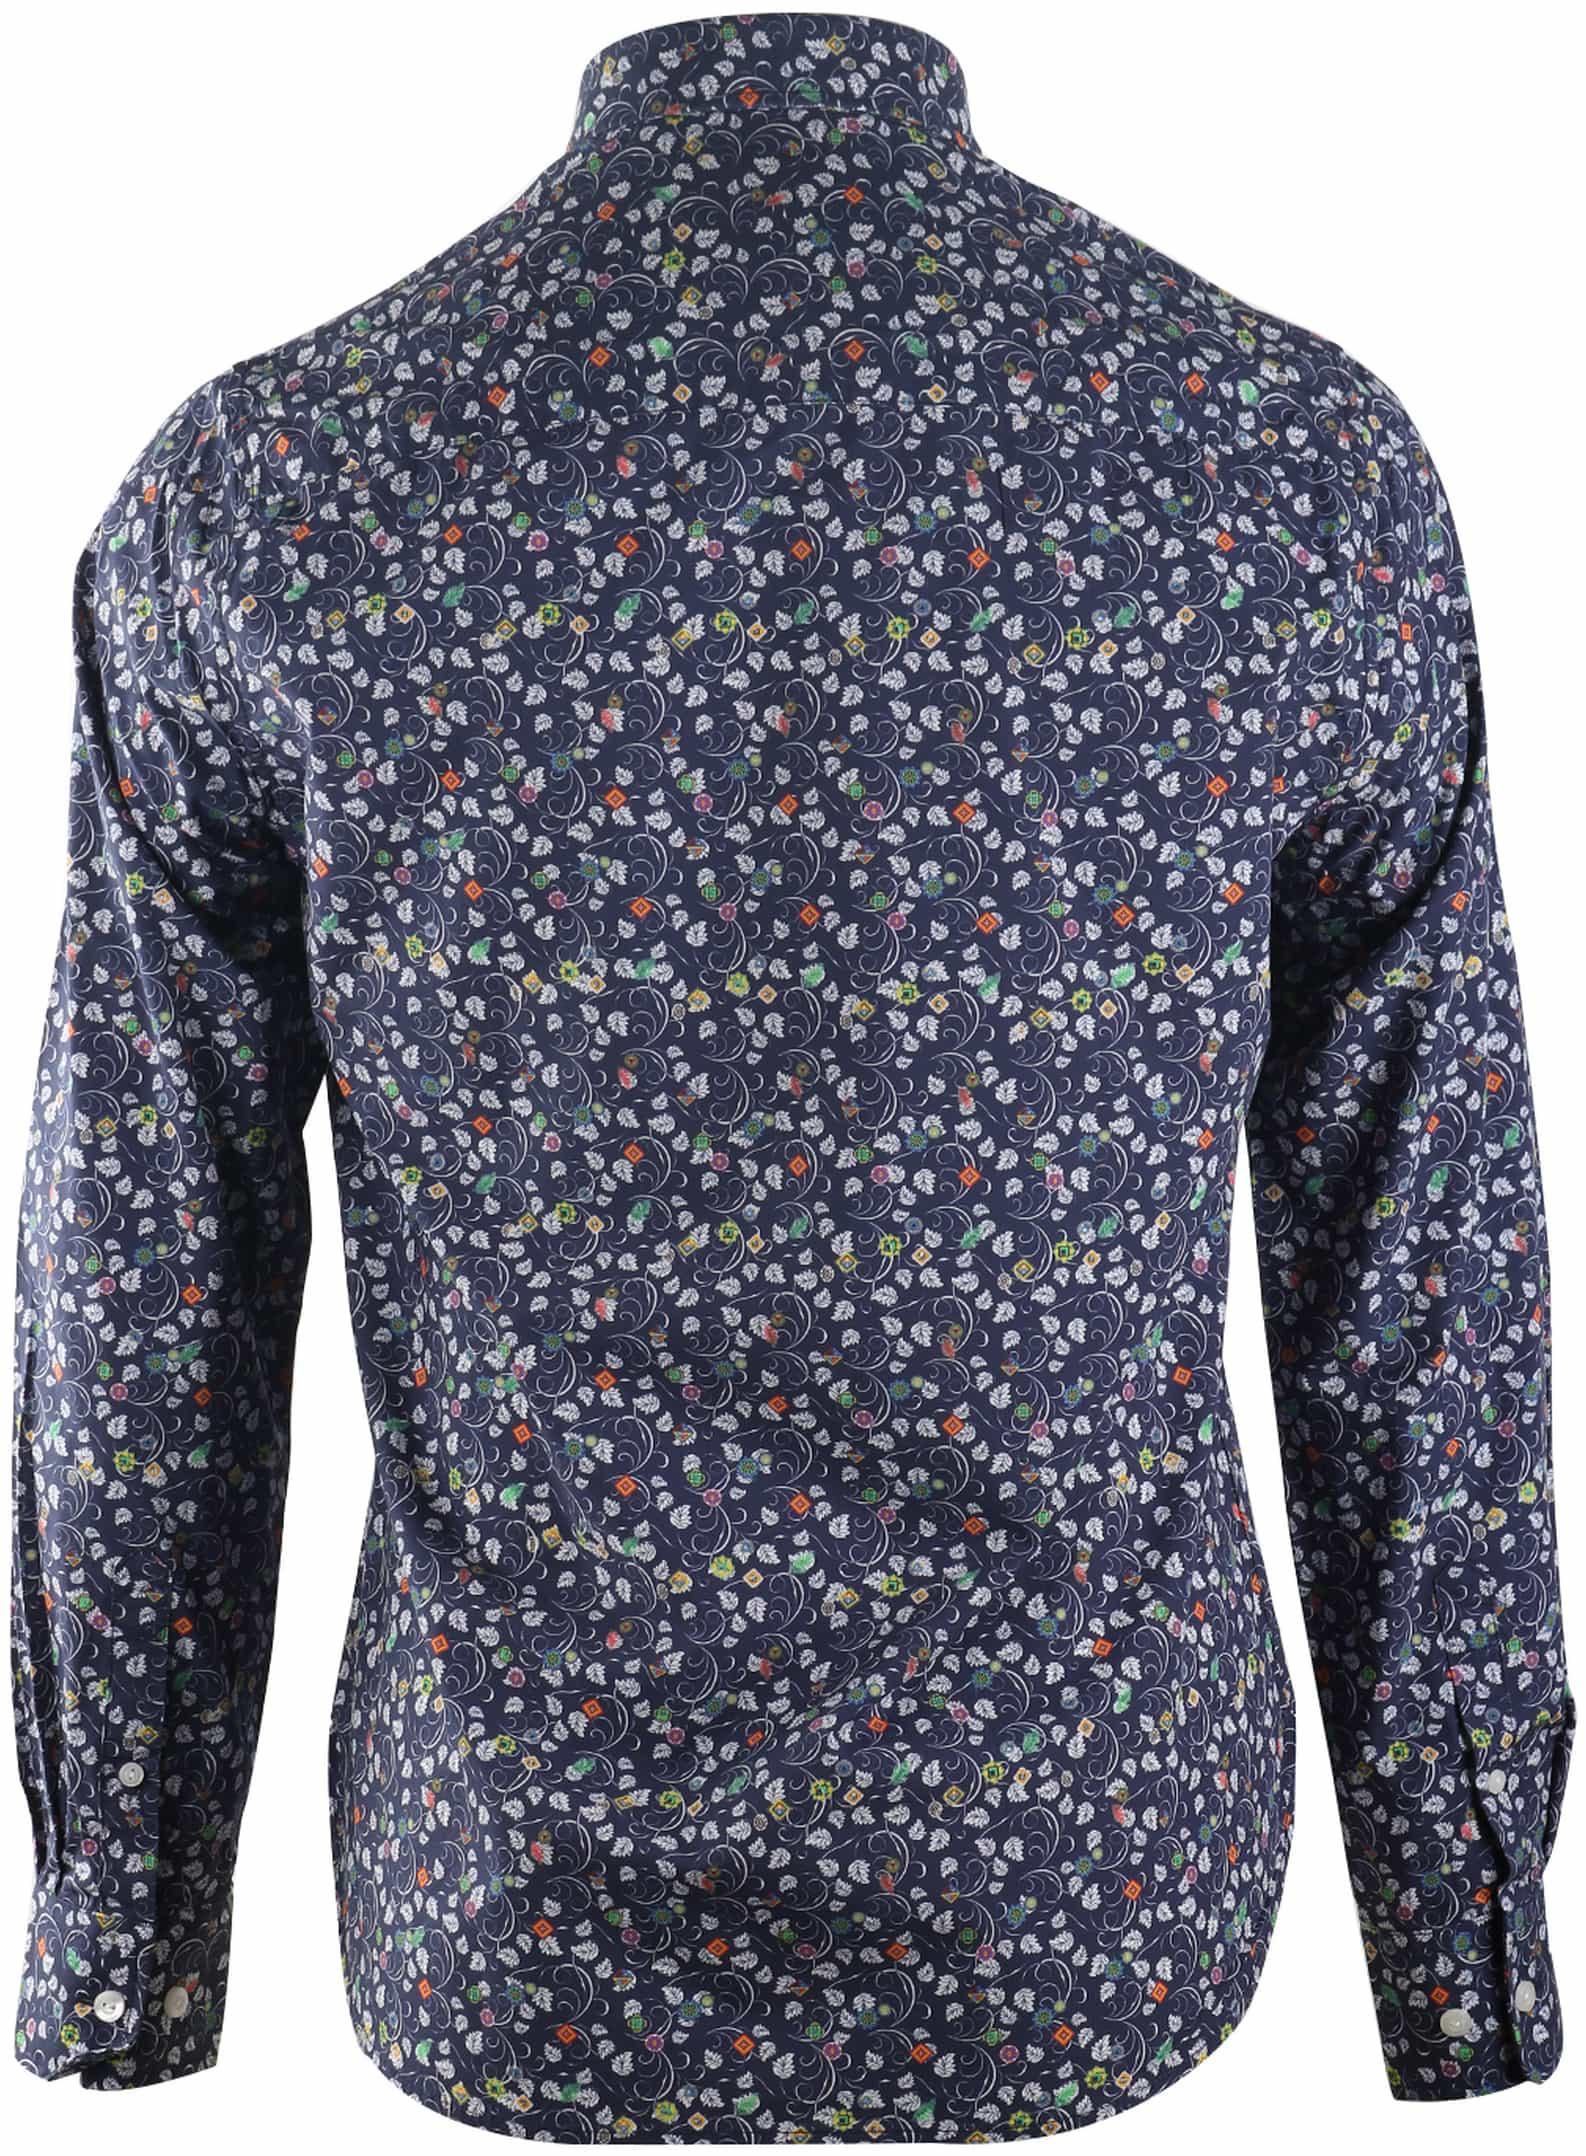 17an509 Online Overhemd Donkerblauw Nza Hohonu Eastern 0wOknP